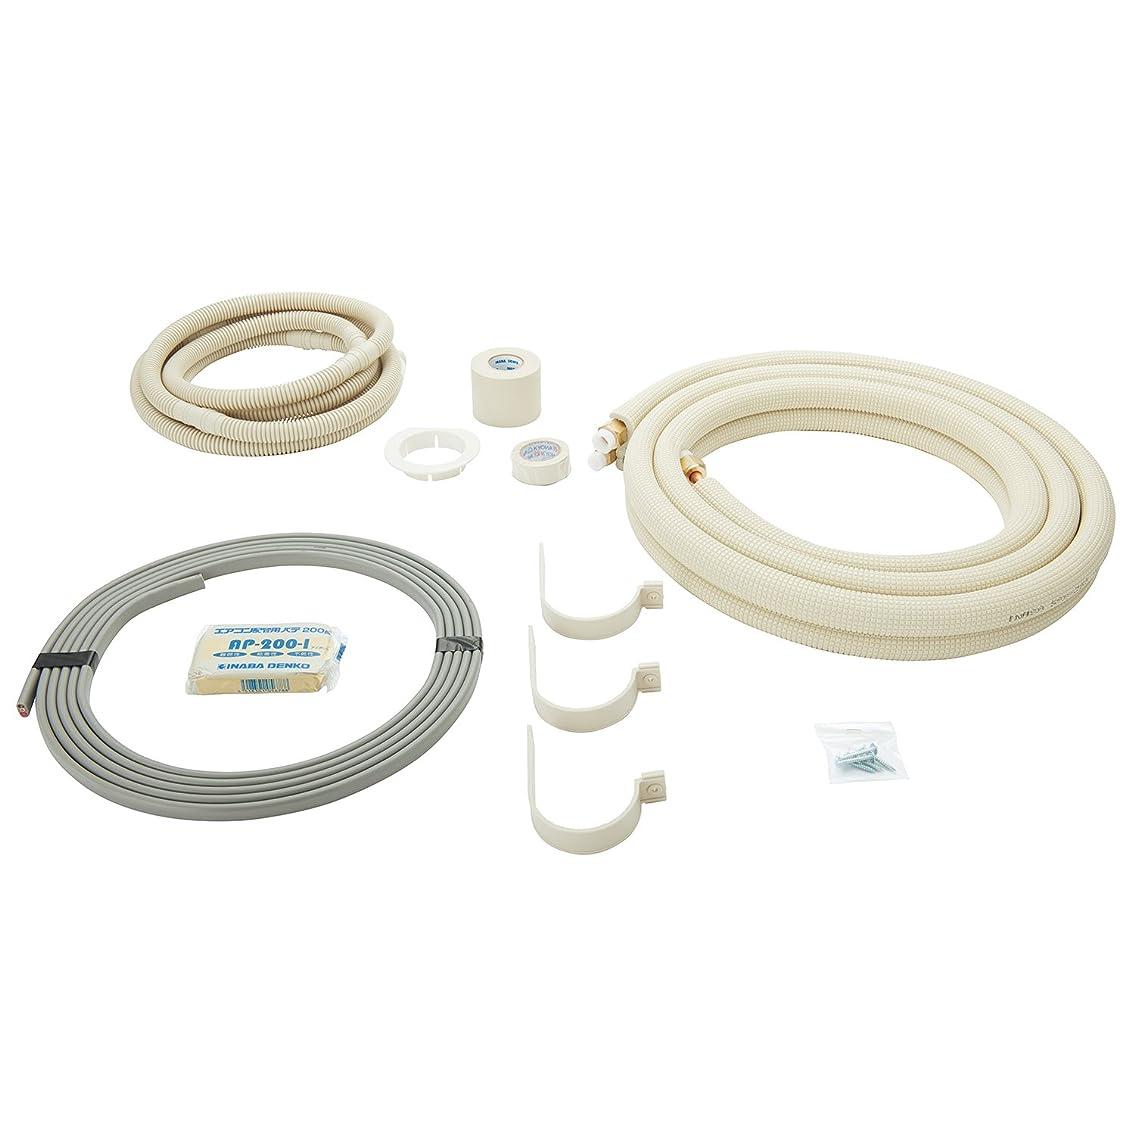 ピアース喉頭粒子因幡電工 フレア加工済空調配管セット PHタイプ(家庭用) SPH-F237-V3